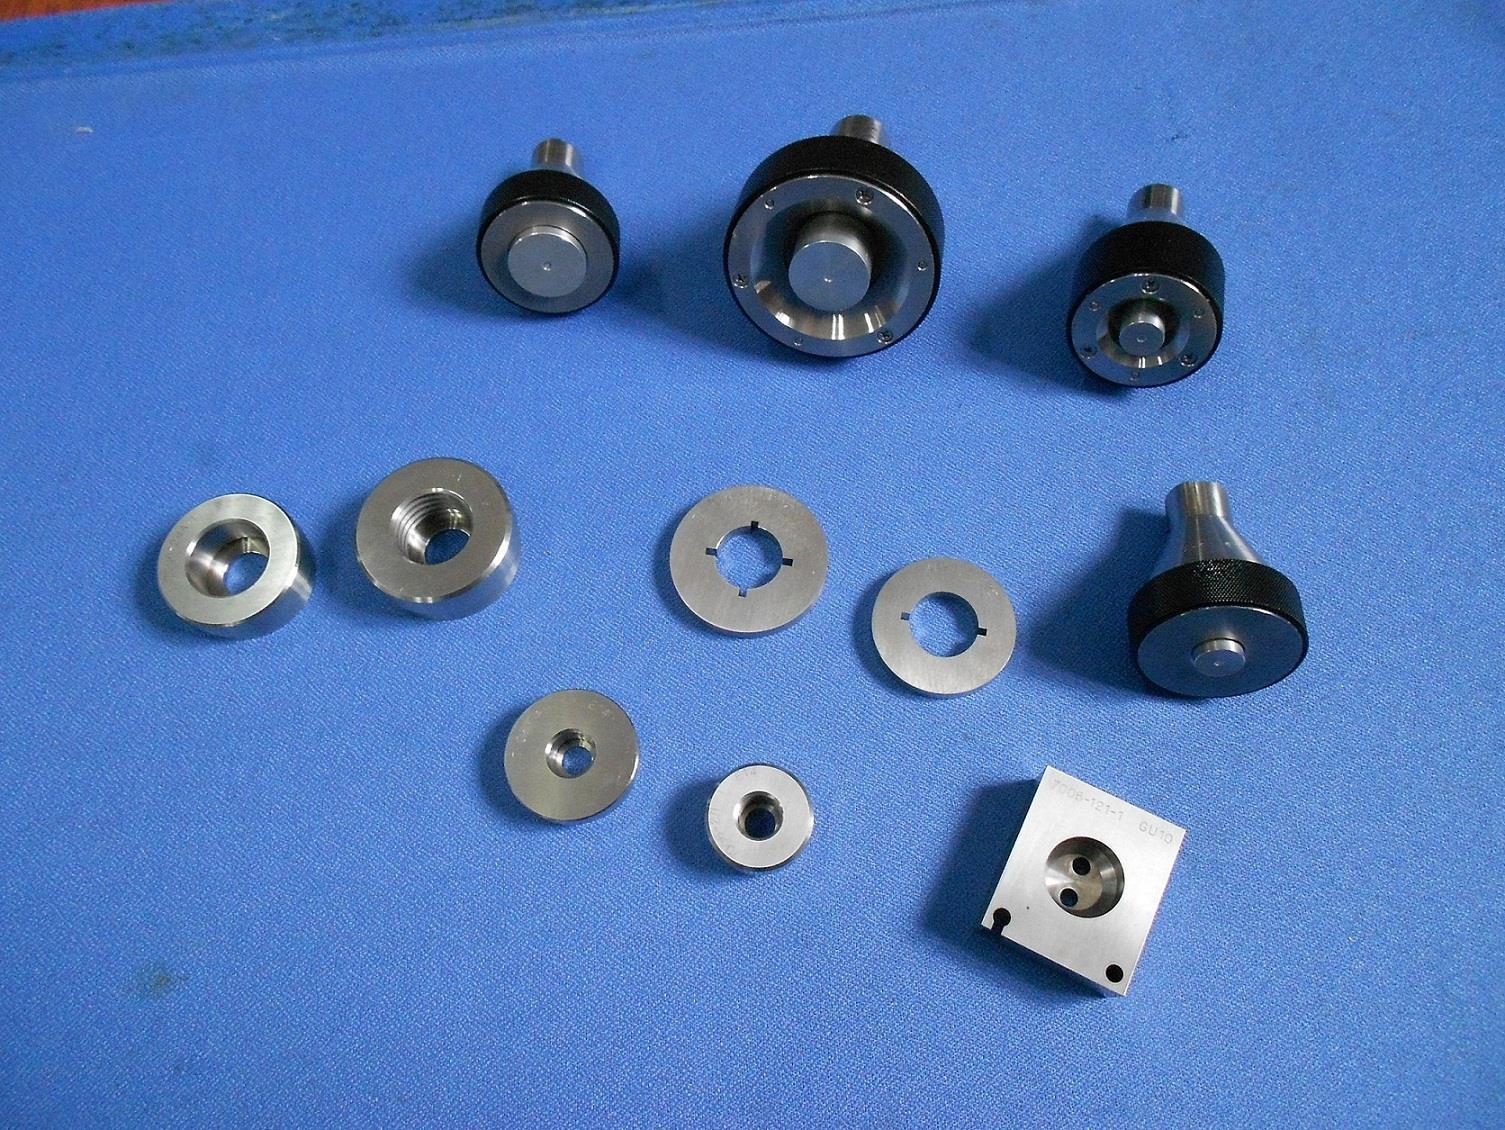 IEC60061-3 lamp gauge